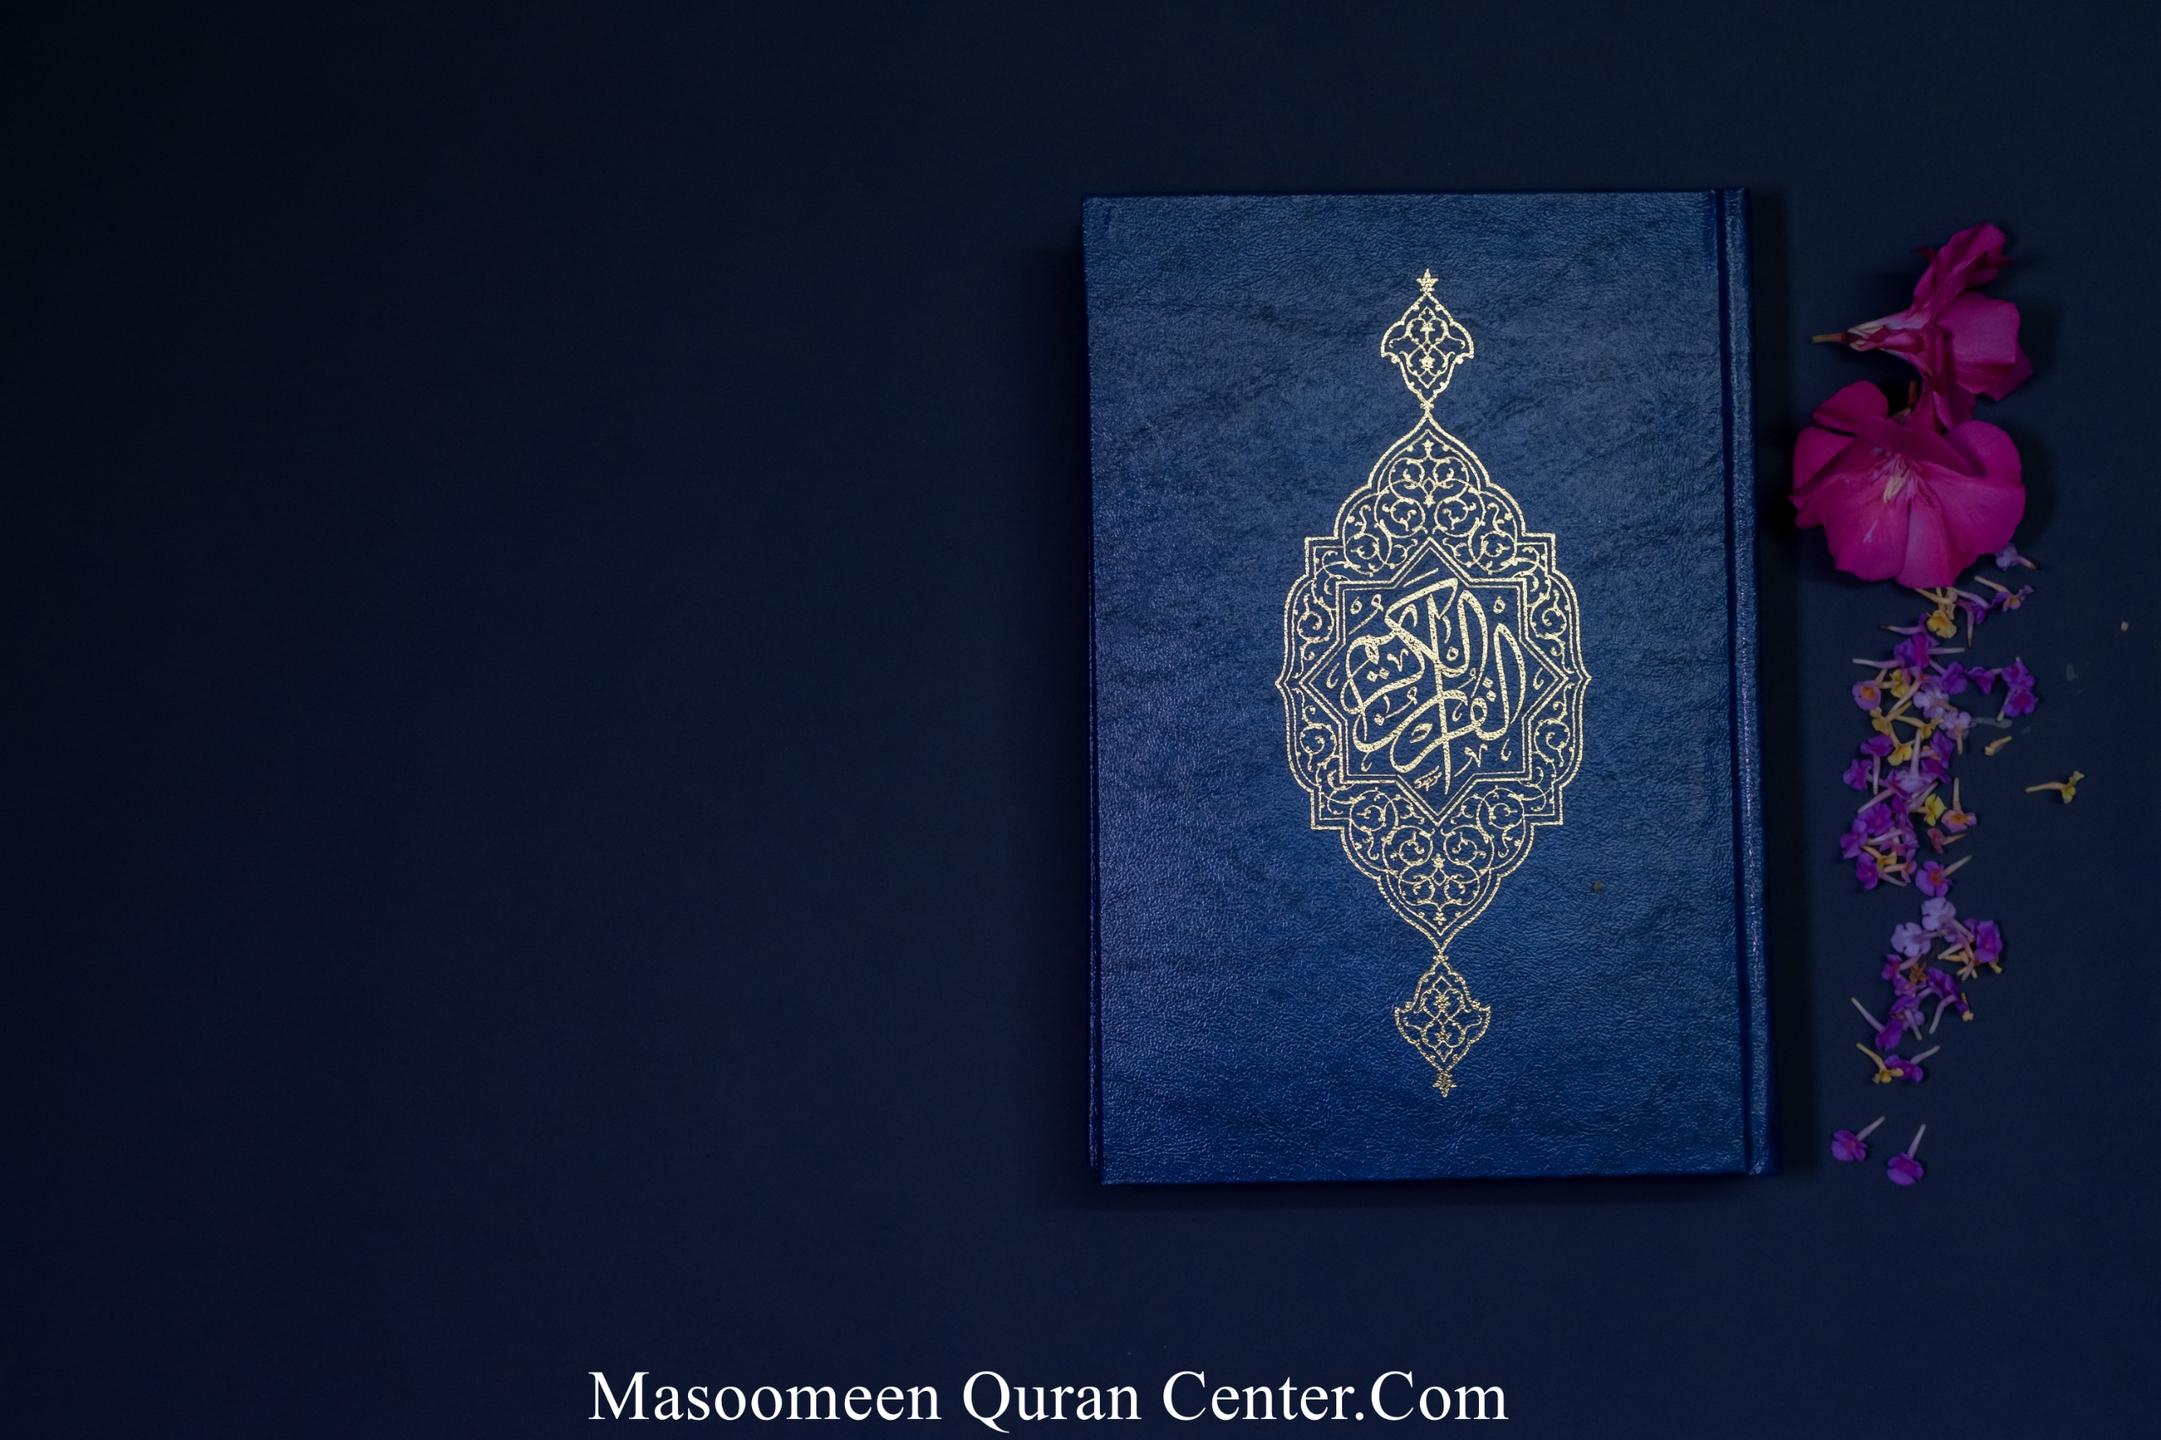 Masoomeen Quran Center (@masoomeenqurancenter) Cover Image